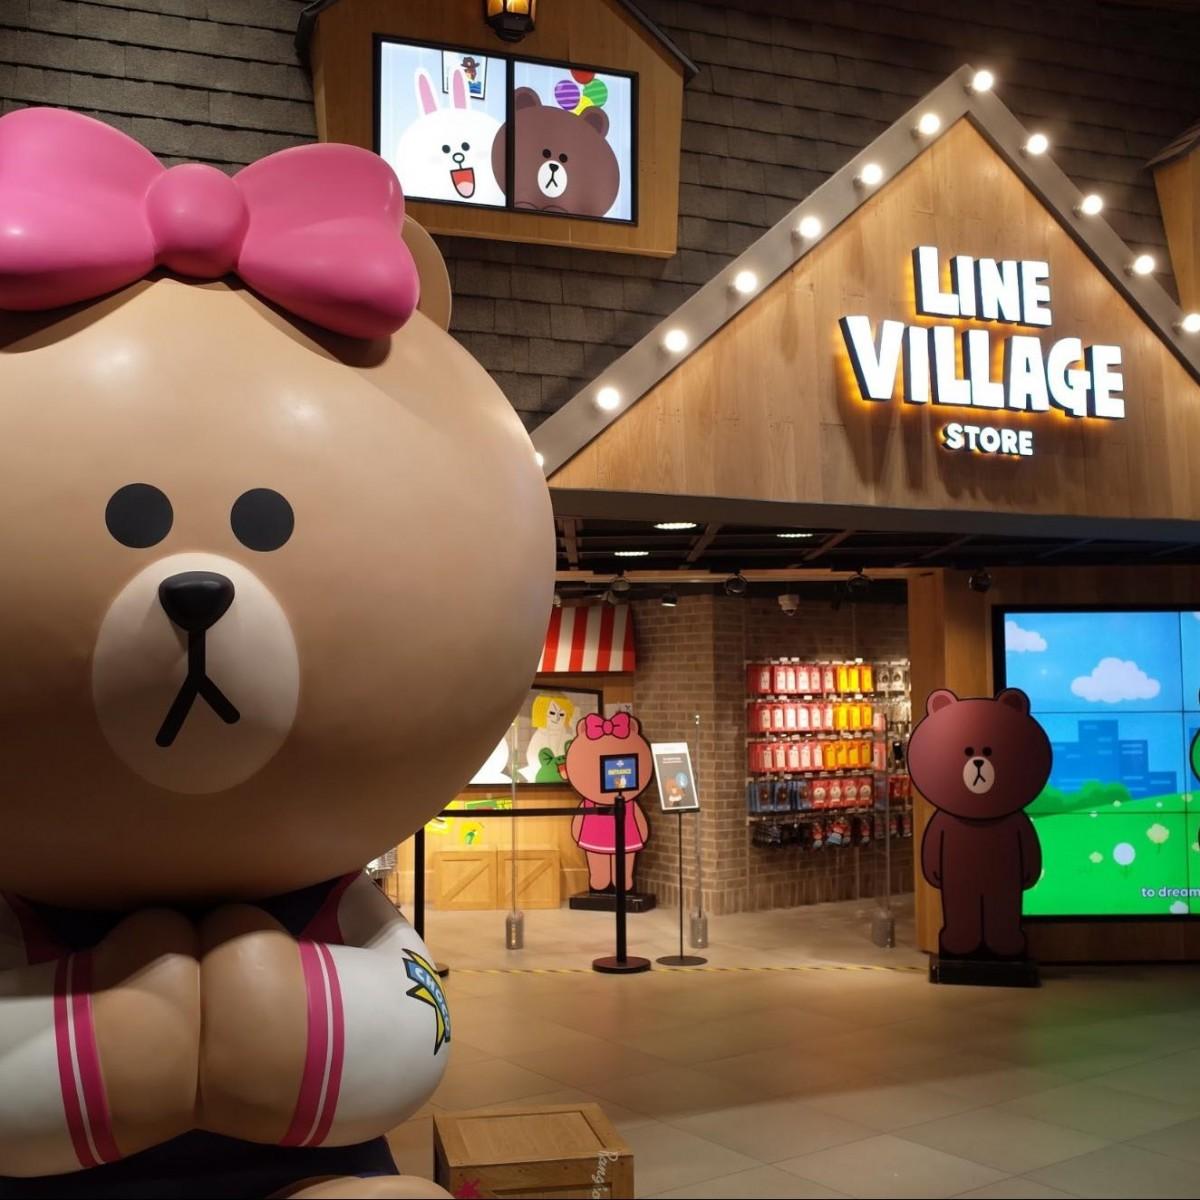 曼谷linevillage